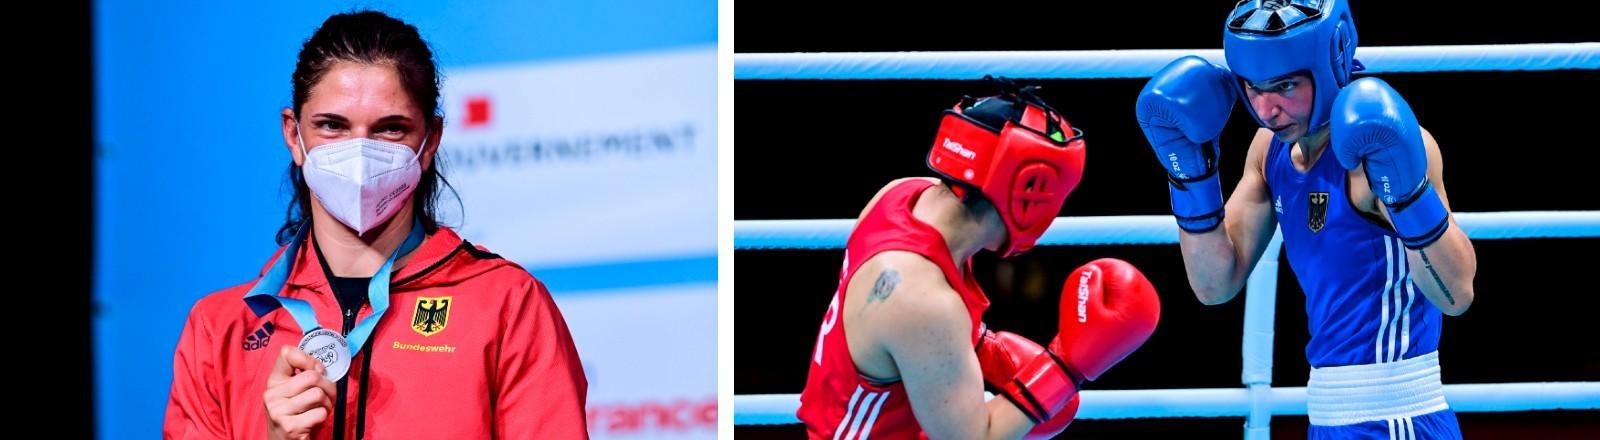 Profi-Boxerin Nadine Apetz bei den Olympischen Spielen in Tokio.